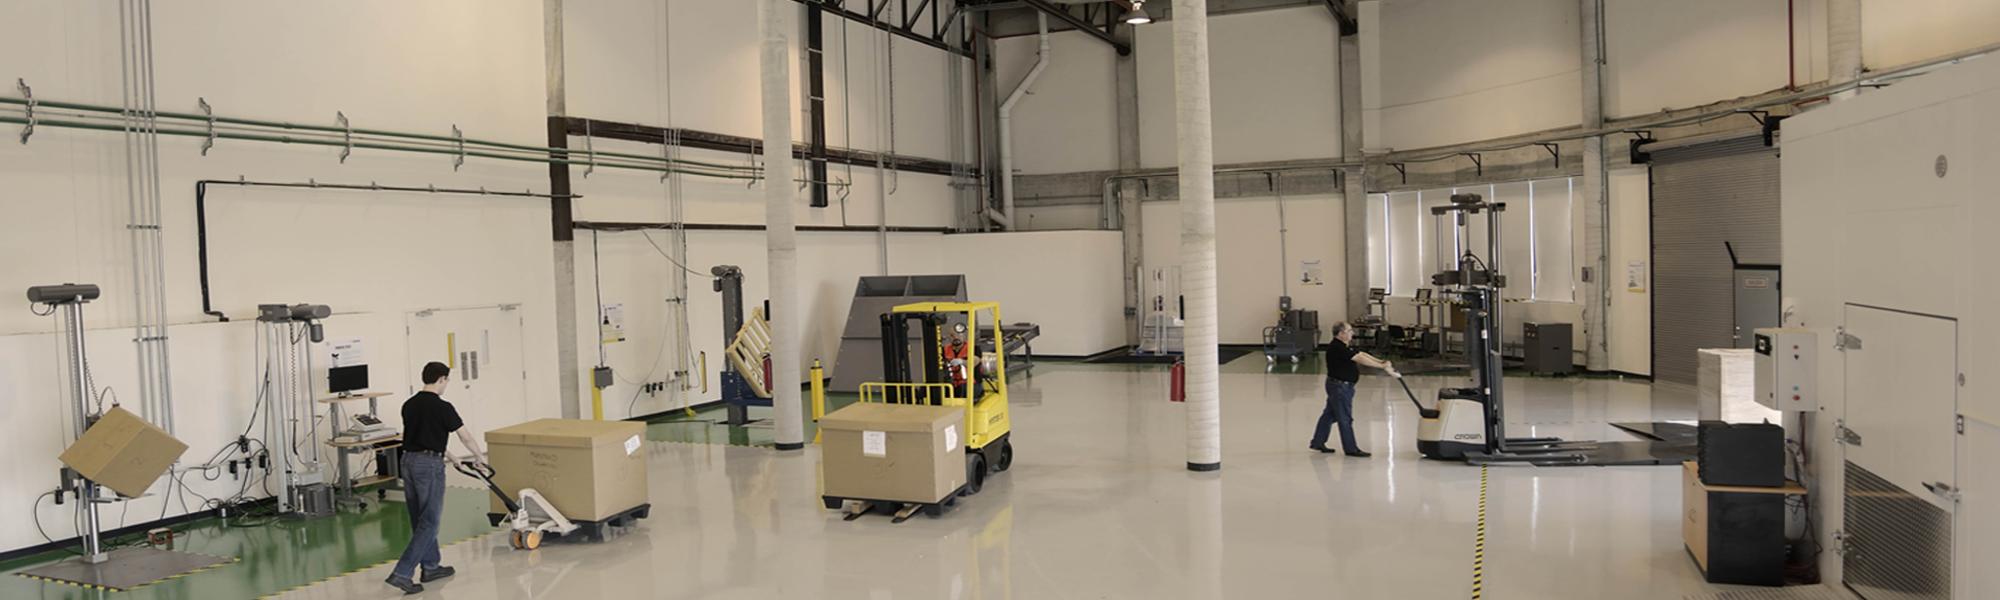 Laboratorio de Simulación de Transporte